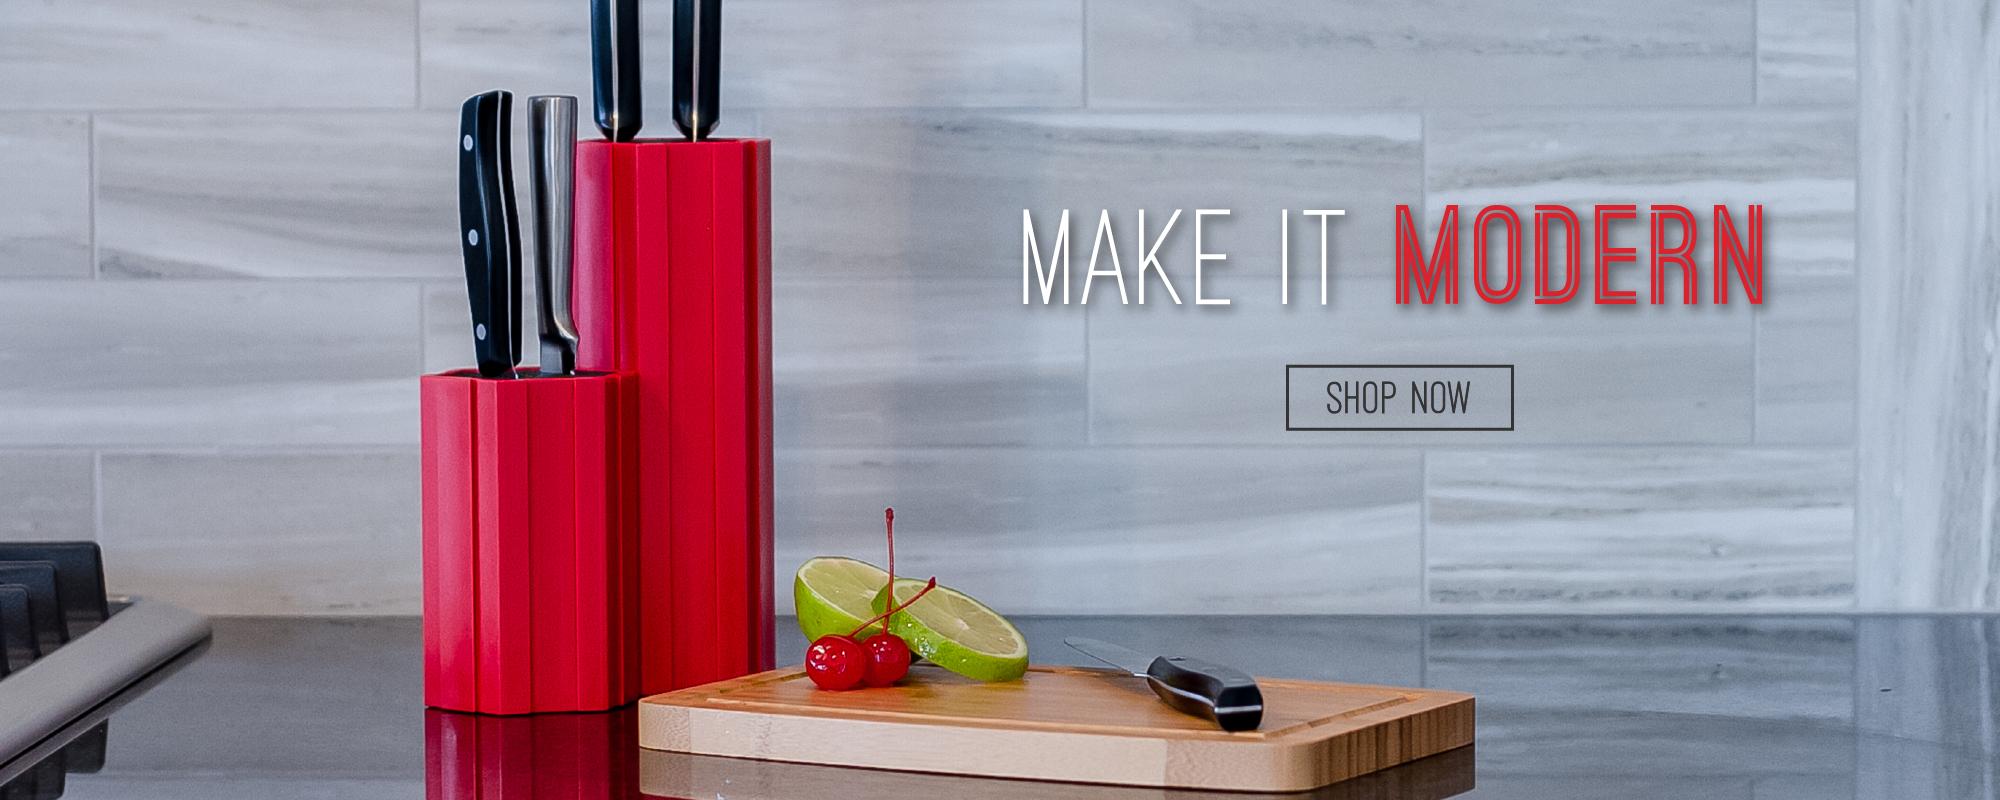 Make It Modern | Kapoosh Hex-Connex